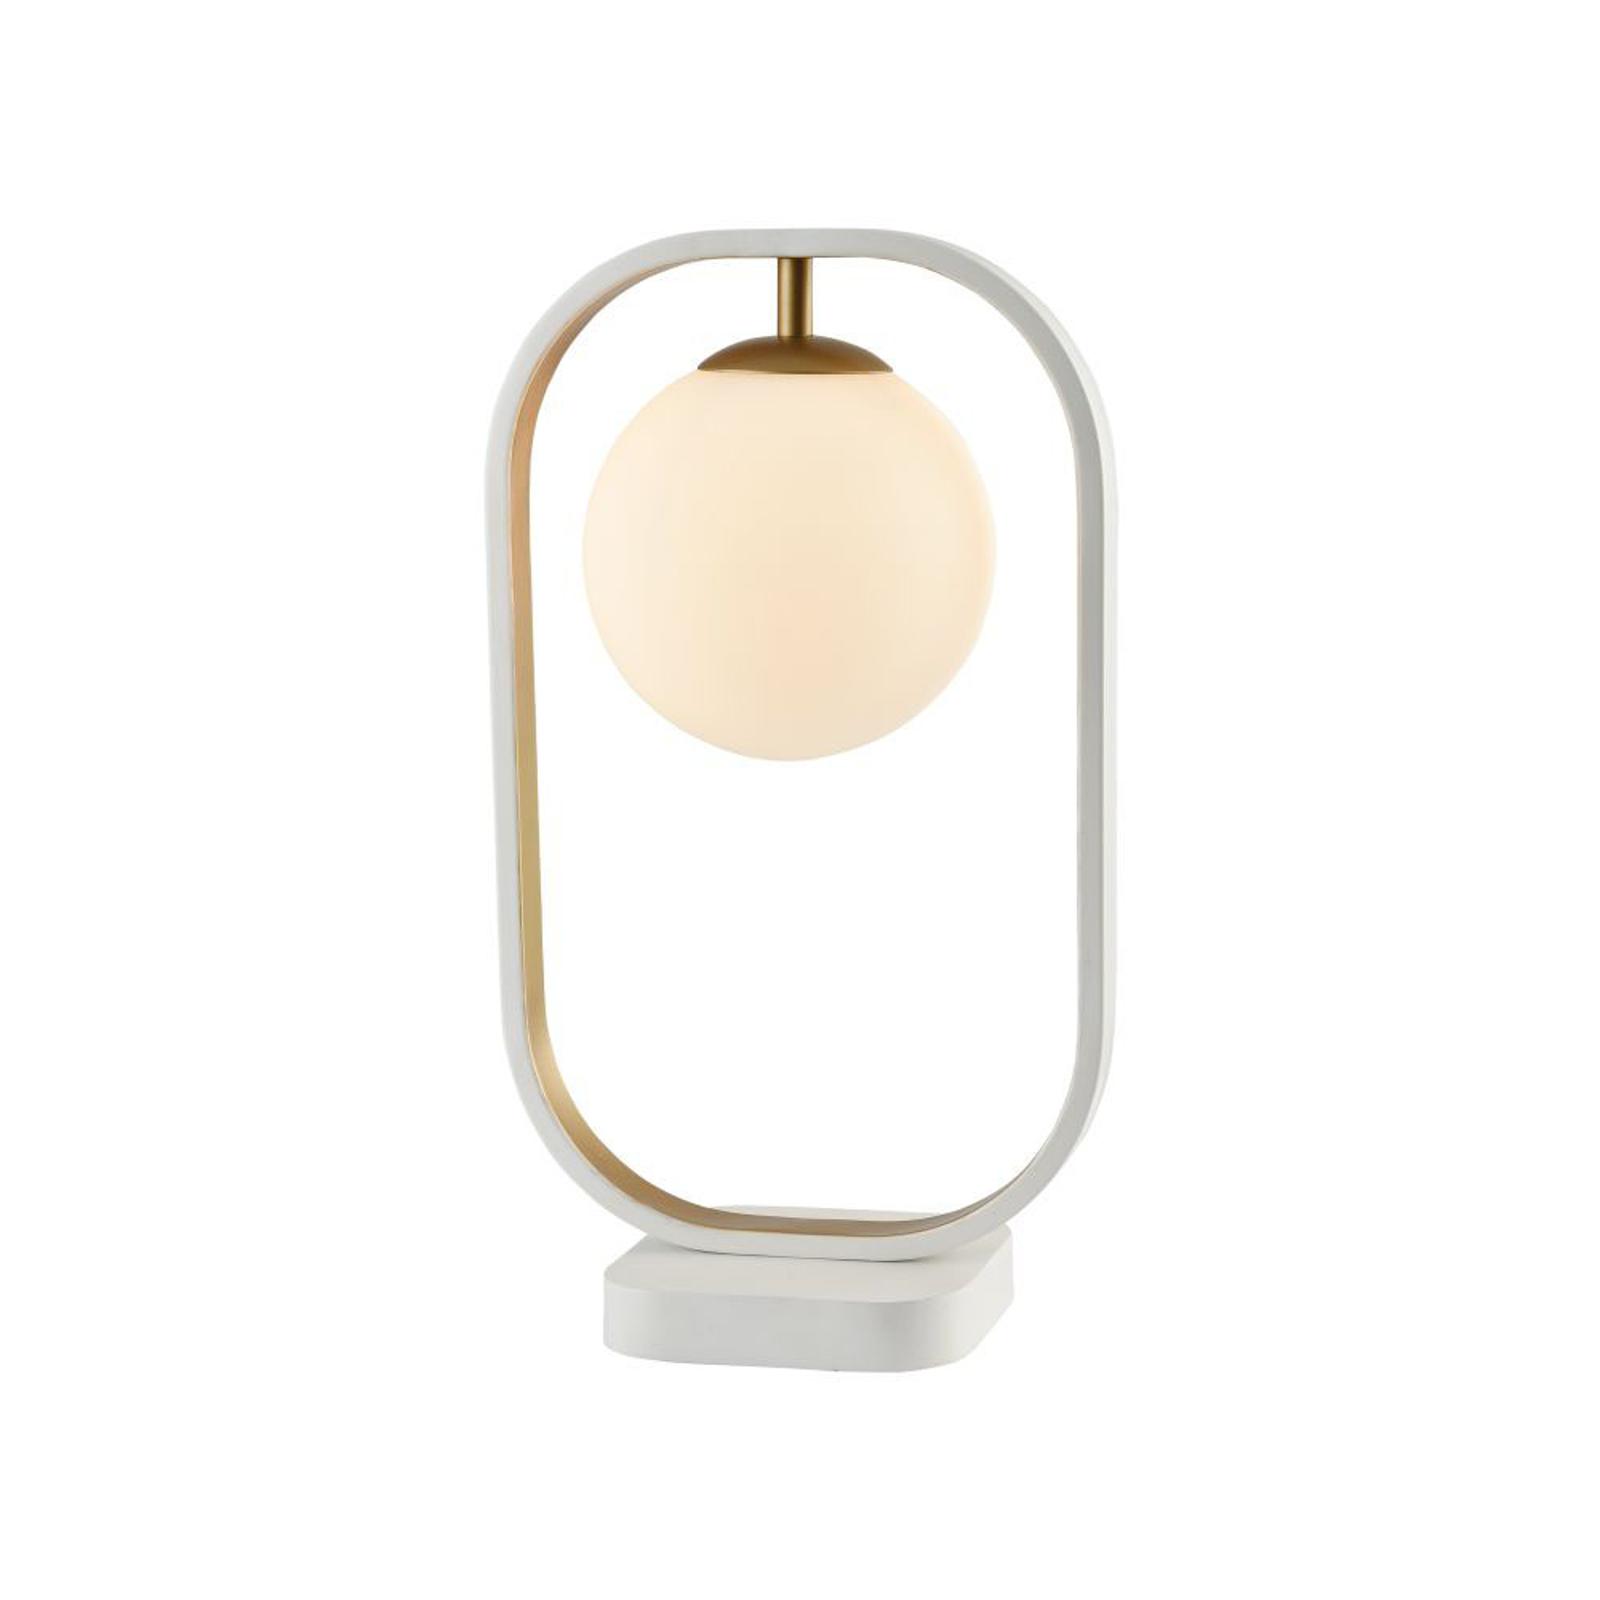 Lampe à poser Avola avec abat-jour sphérique verre